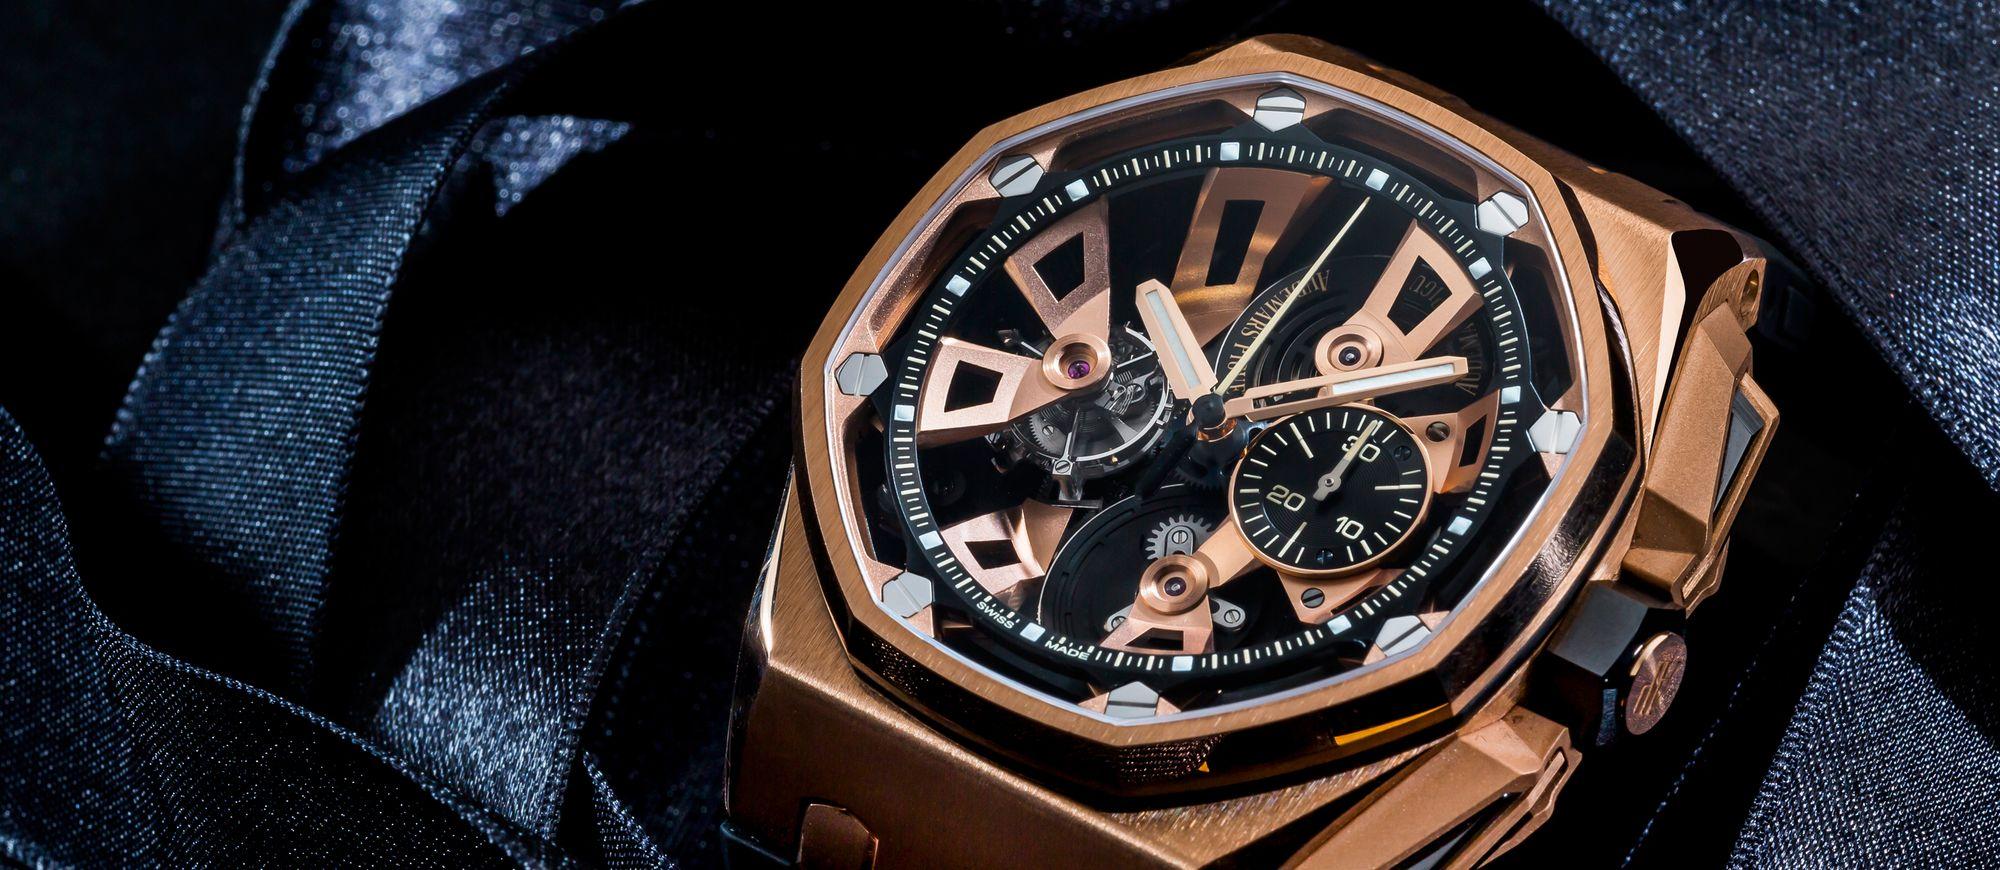 【每週一錶】AP ROO陀飛輪計時碼錶:推翻過去的自己